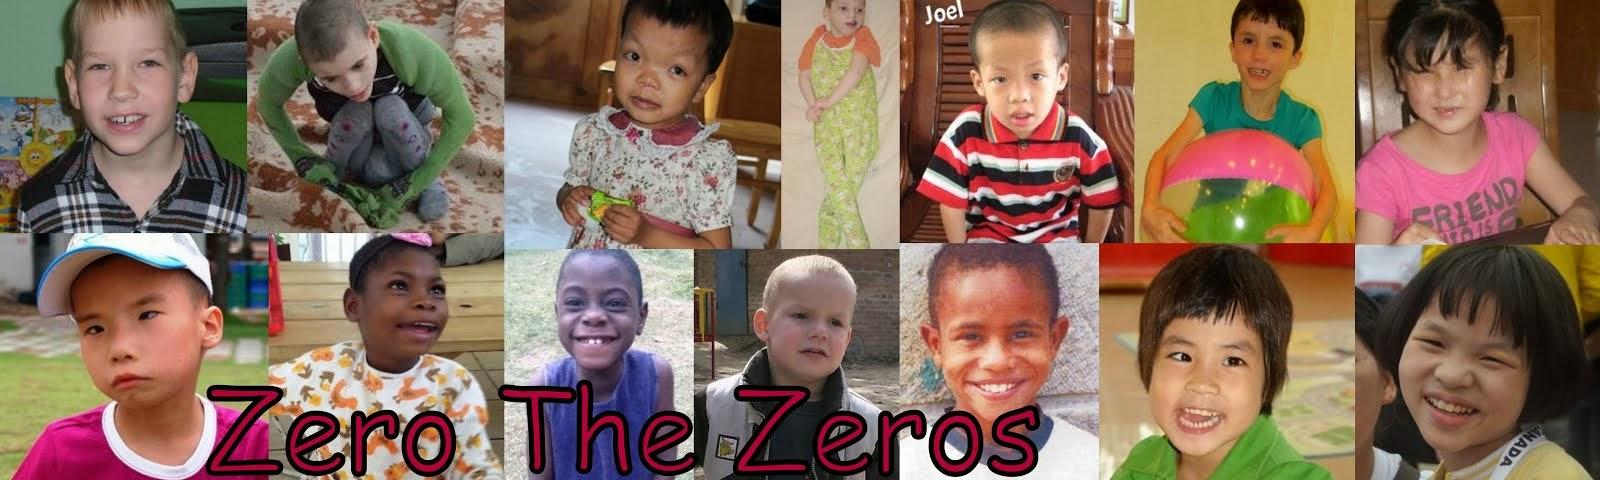 Zero the zeros !!!